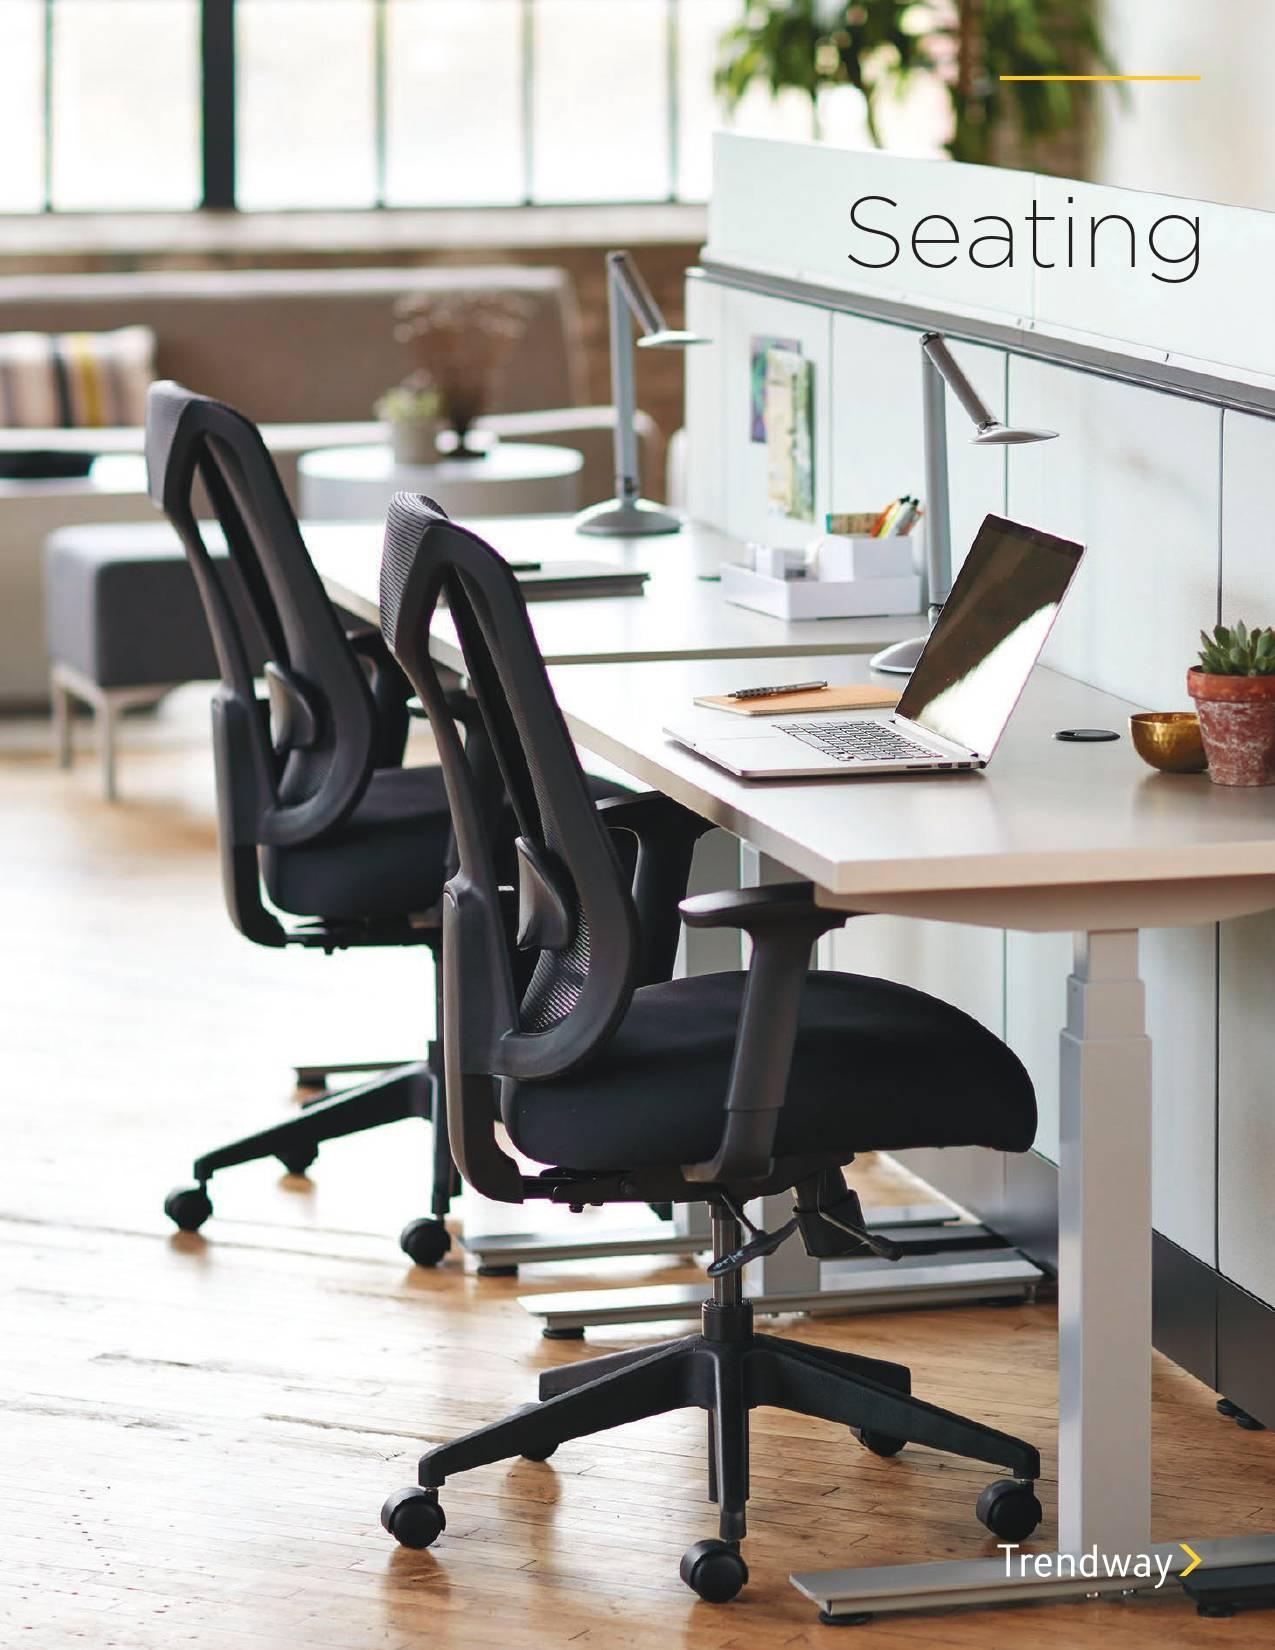 Trendway Furniture Seating Brochure